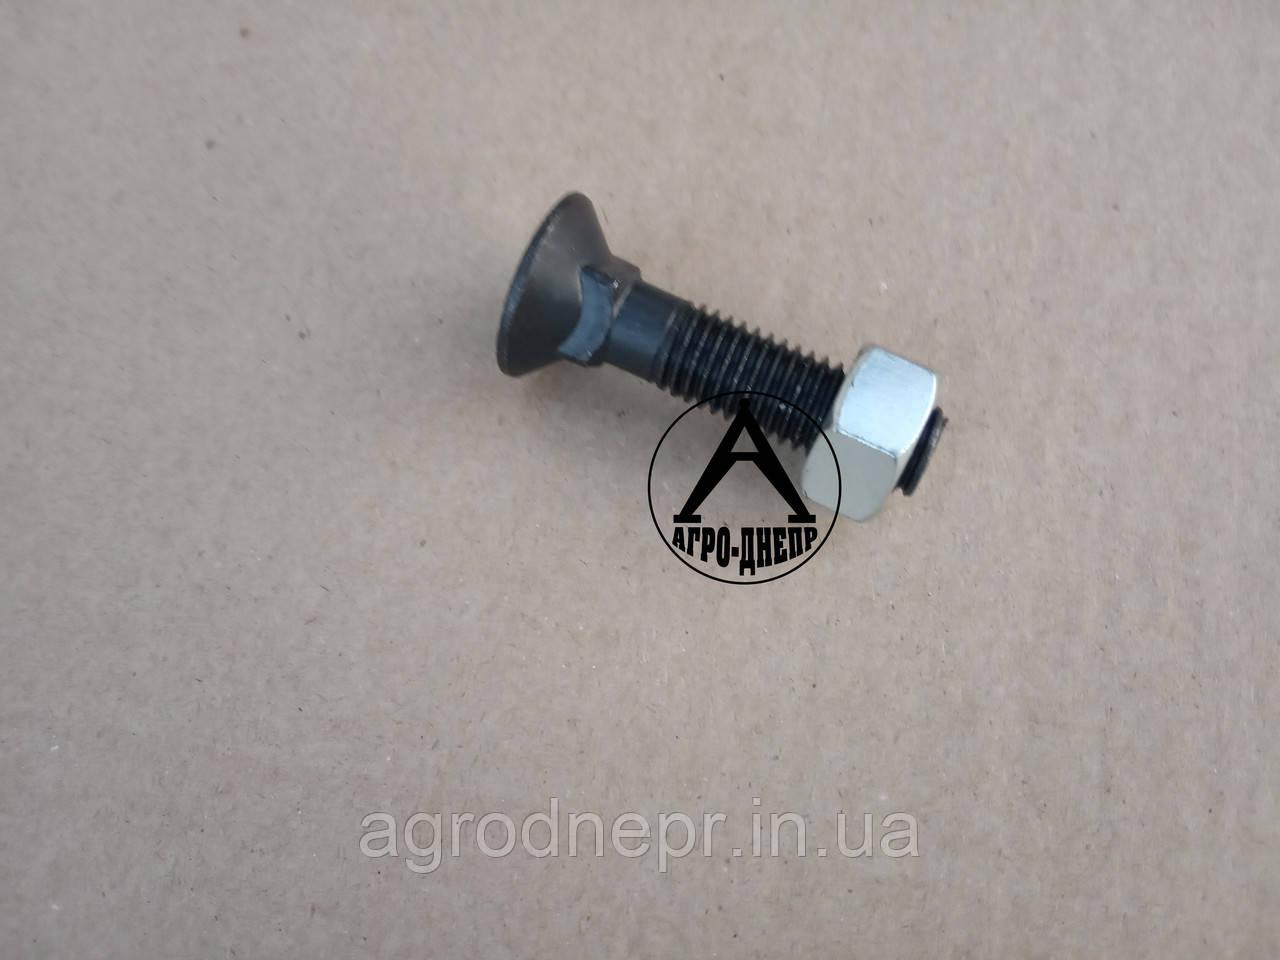 3015795 Болт з потайною головкою М12*50-10,9 + гайка Zn